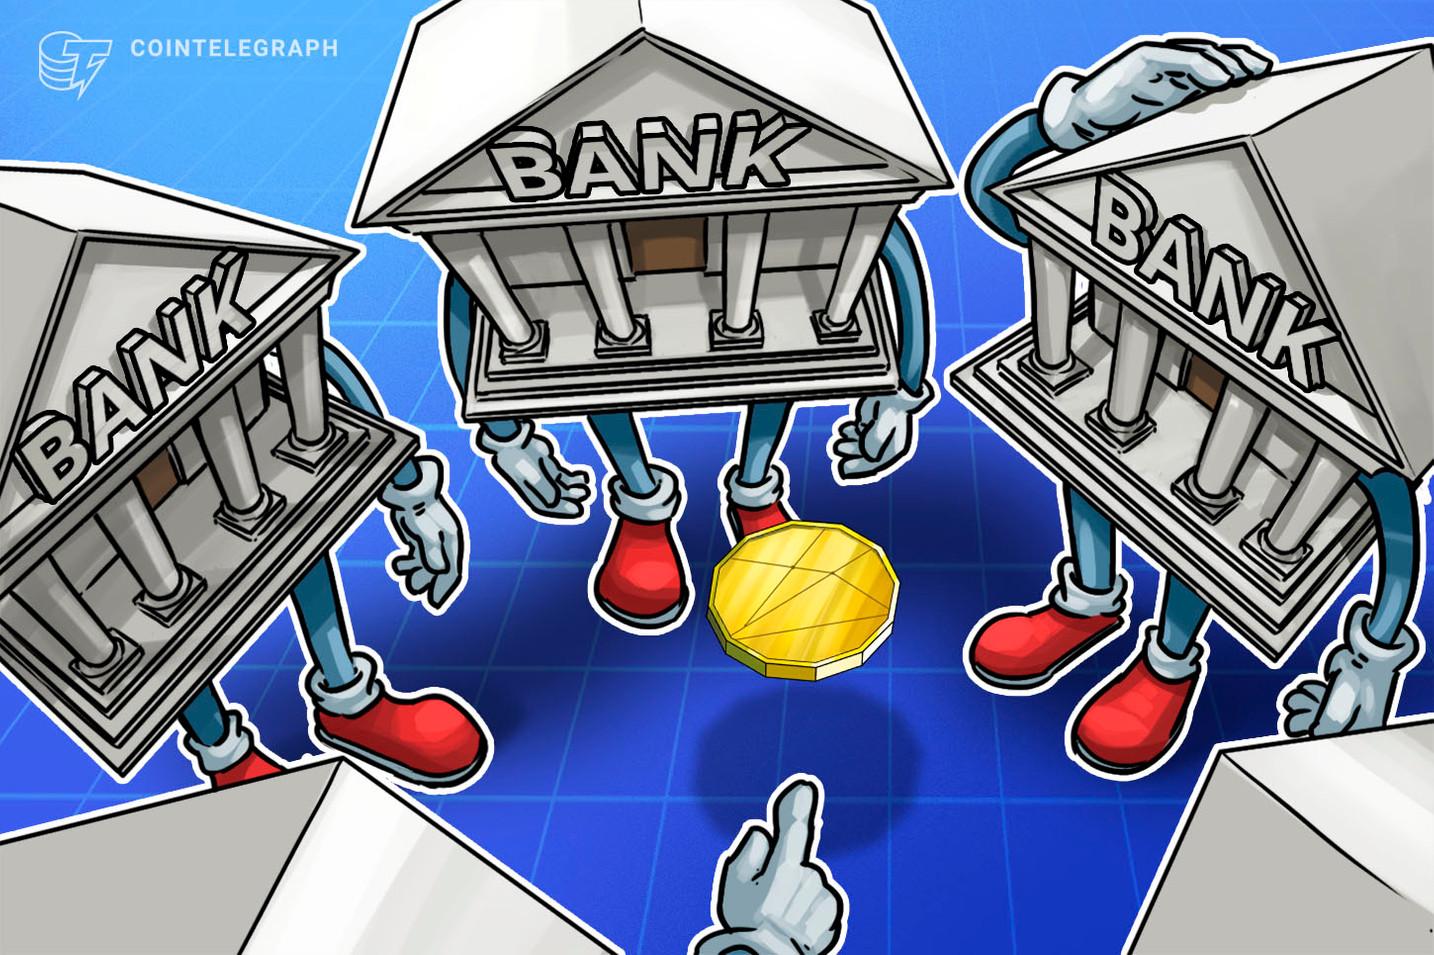 La asociación bancaria de Corea del Sur se muestra preocupada por el masivo aumento del trading de altcoins en el país